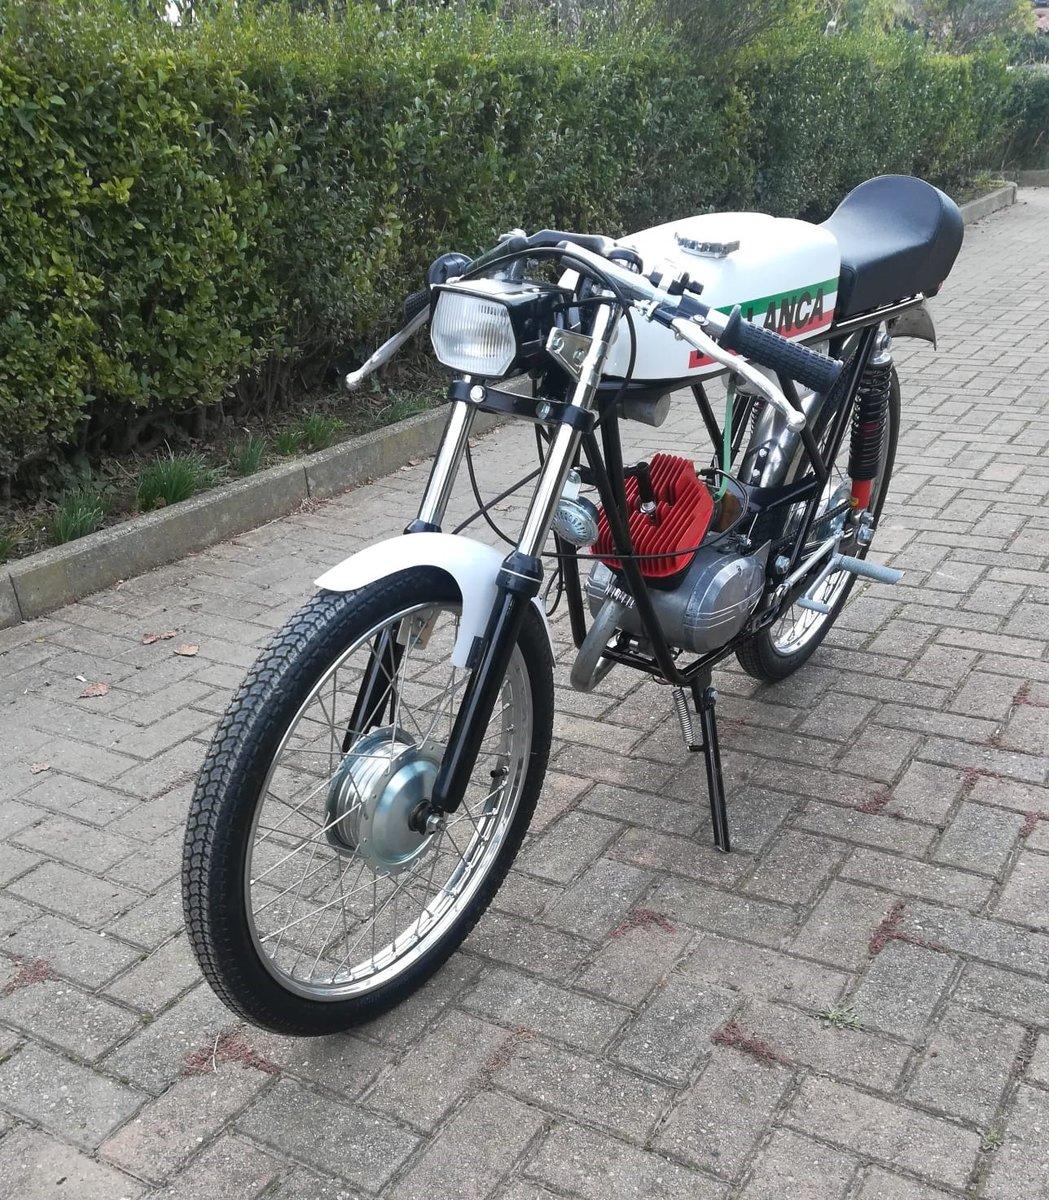 Malanca Testarossa 50cc - 1972 - Fresh restored For Sale (picture 5 of 6)